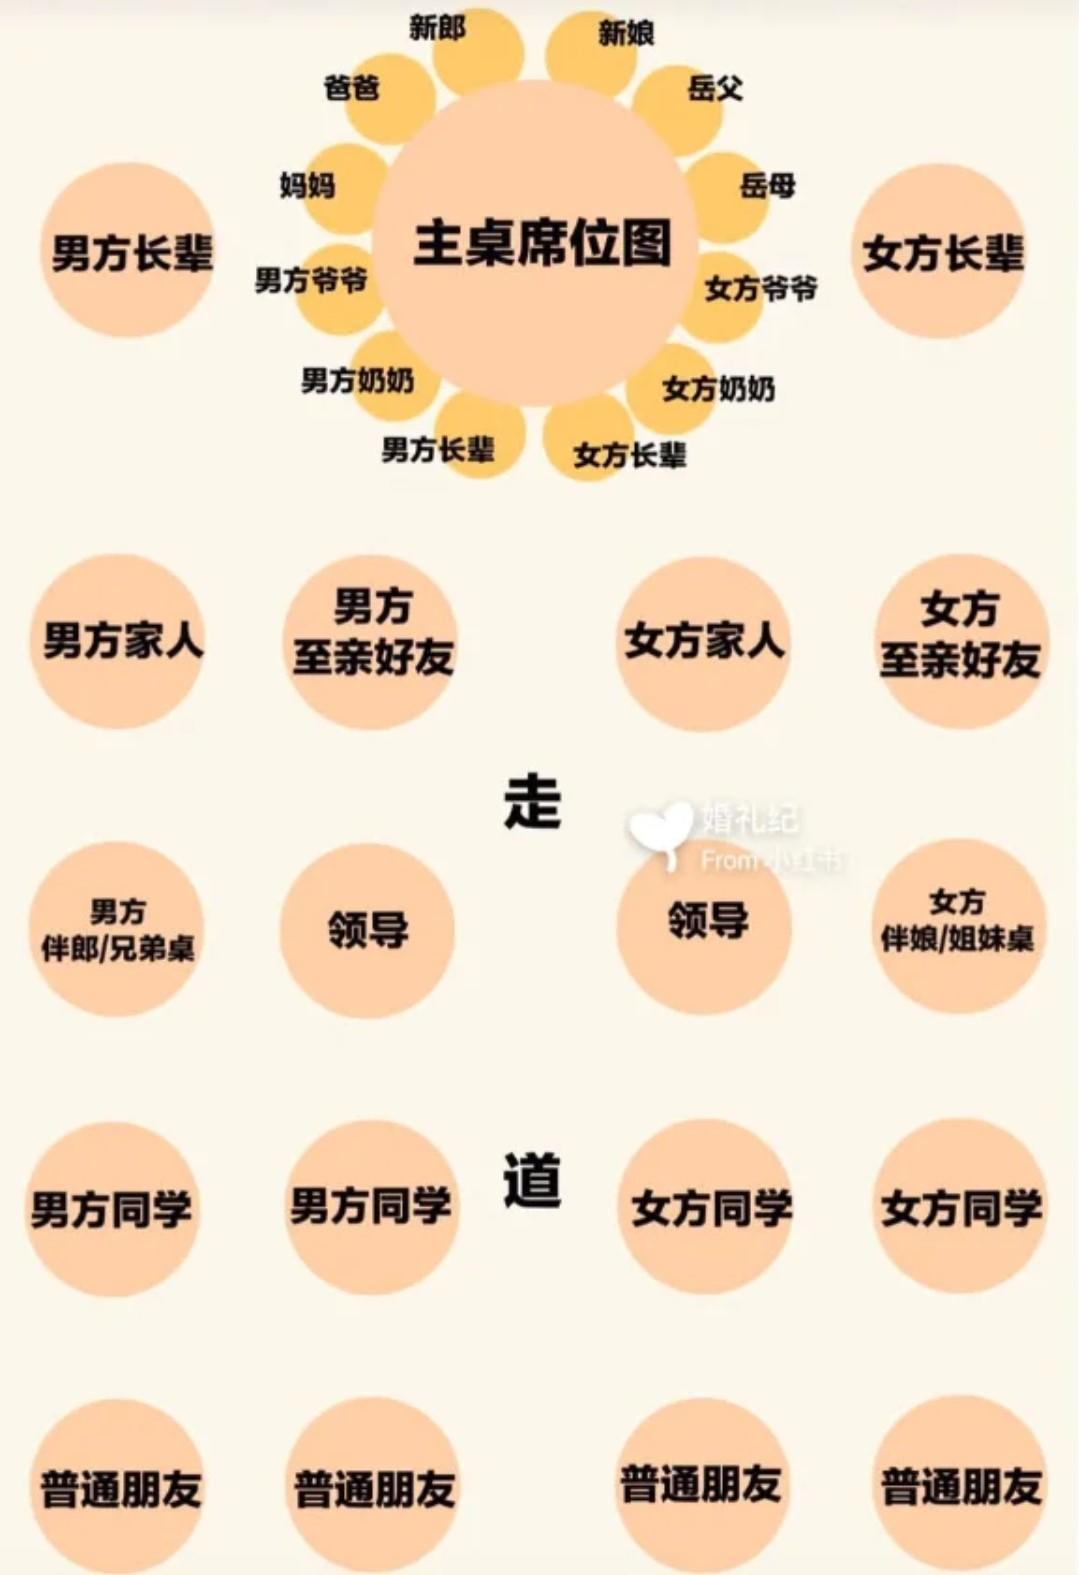 中式婚礼座位区域划分